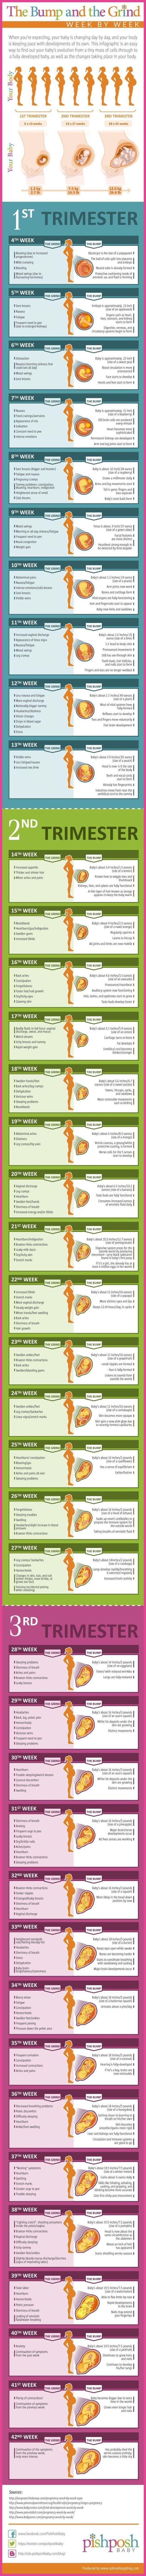 [Pregnancy Symptoms] Chronologie de la grossesse – Le point de vue d'un homme ** Pour plus d'informations …  – Pregnancy